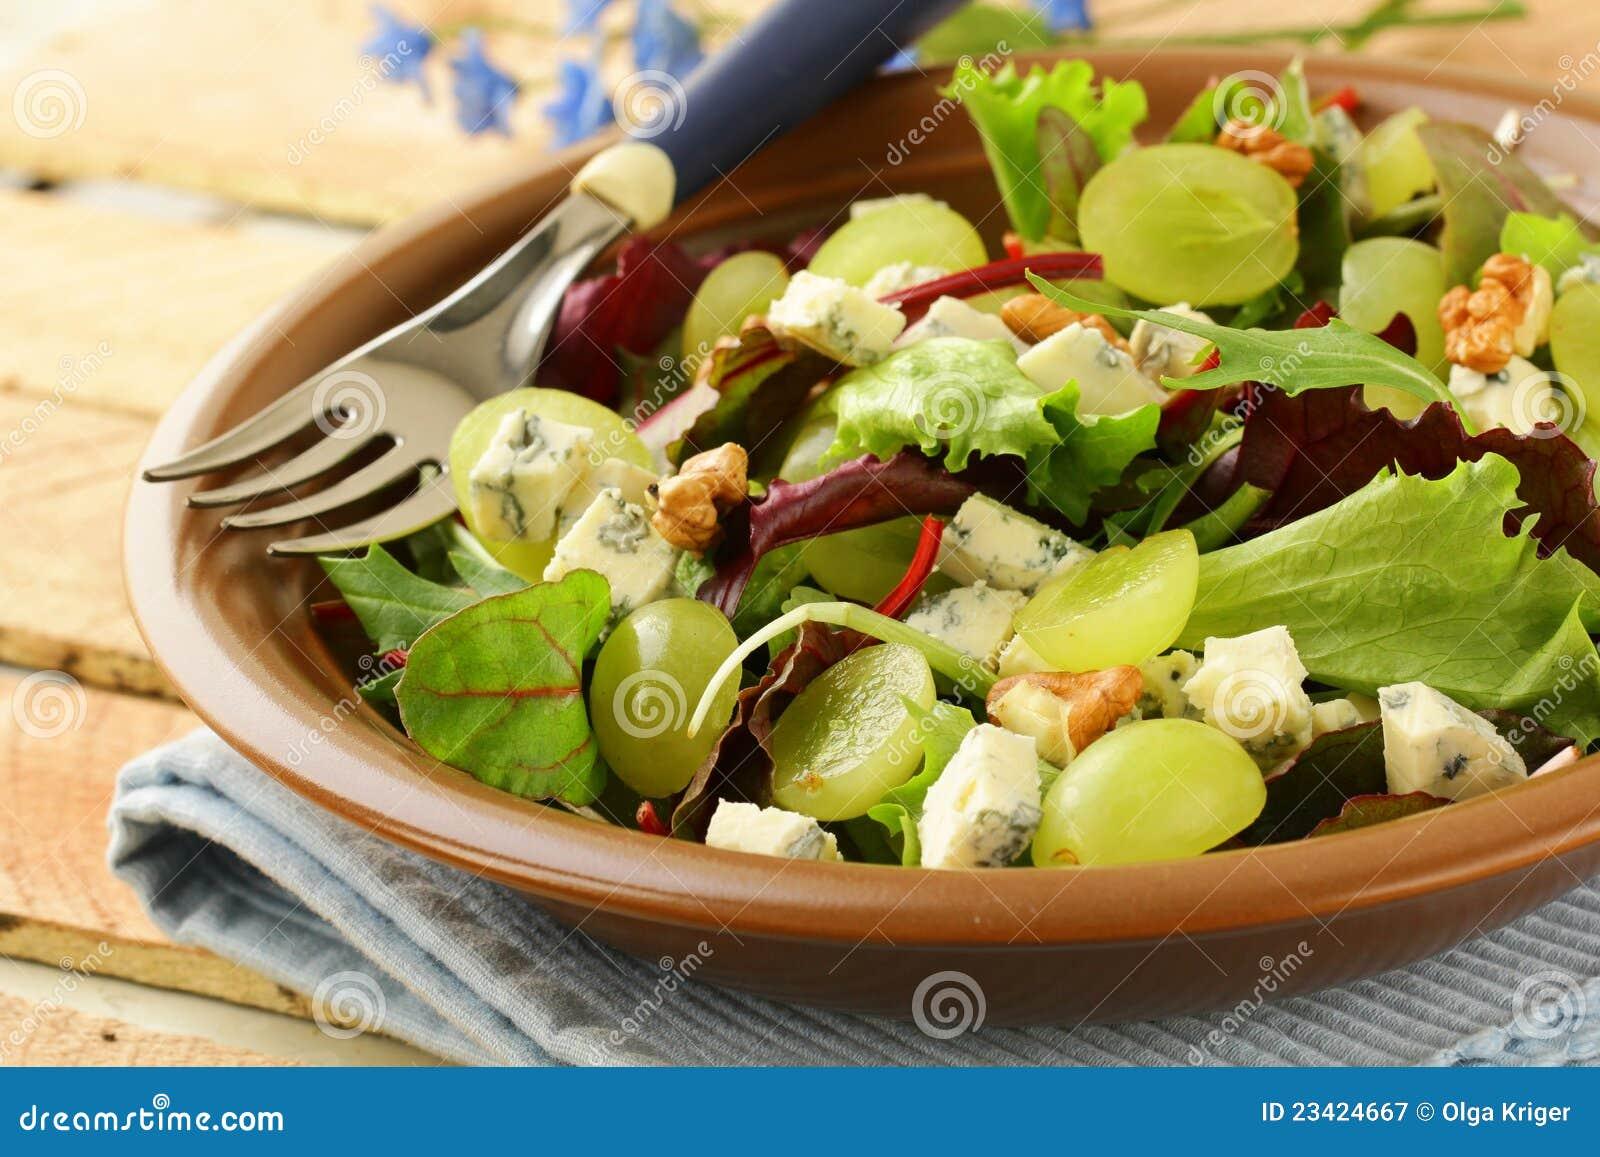 mischen sie salat mit trauben und waln ssen mit k se lizenzfreie stockfotografie bild 23424667. Black Bedroom Furniture Sets. Home Design Ideas